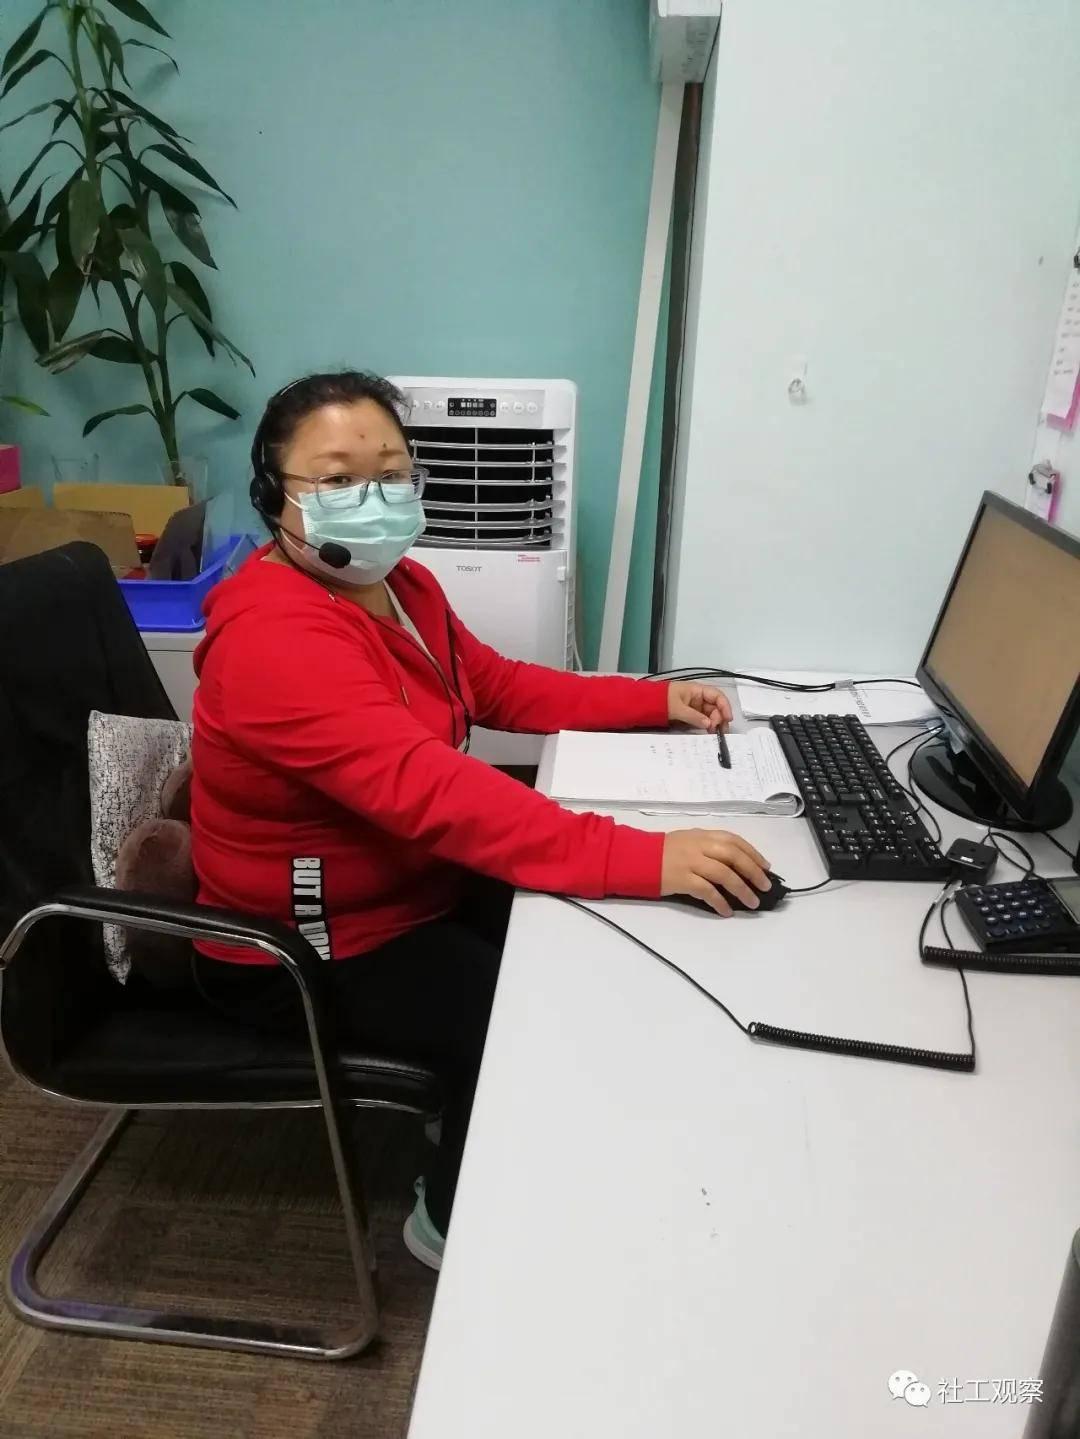 社工自助助人,防疫热线上的心理危机干预